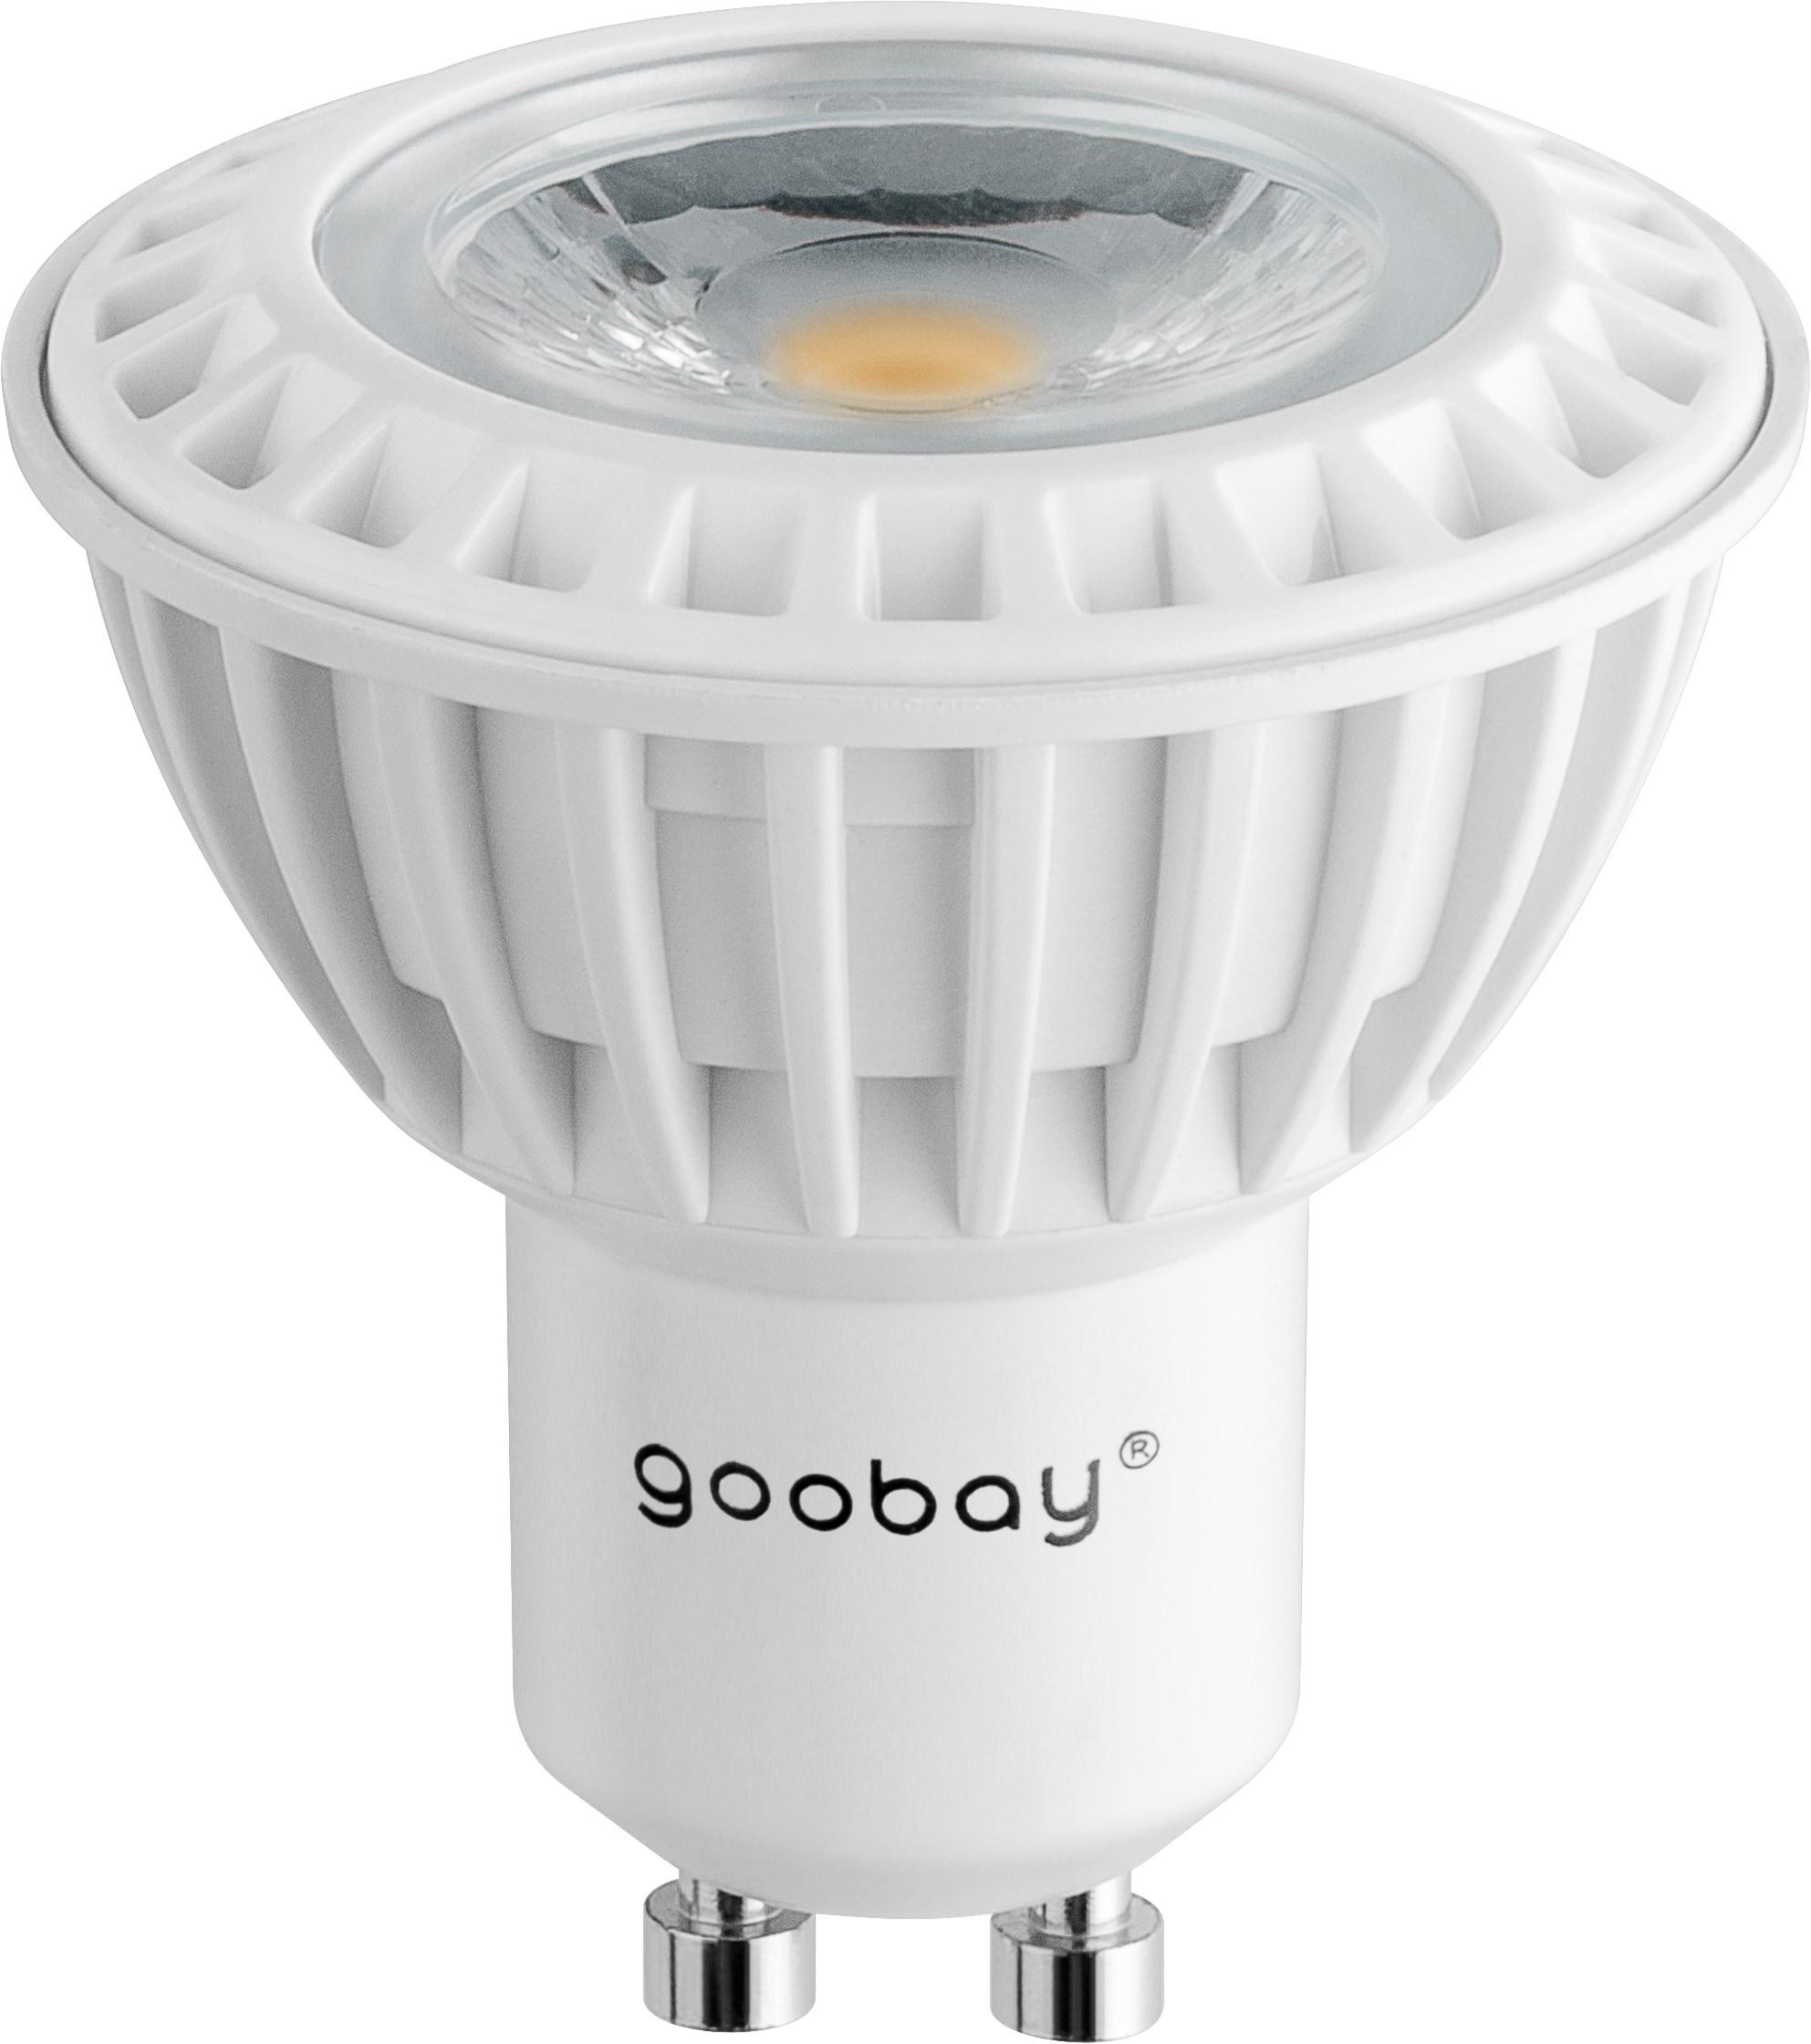 led spot goobay 300 lumen mr16 g nstig kaufen led emotion. Black Bedroom Furniture Sets. Home Design Ideas